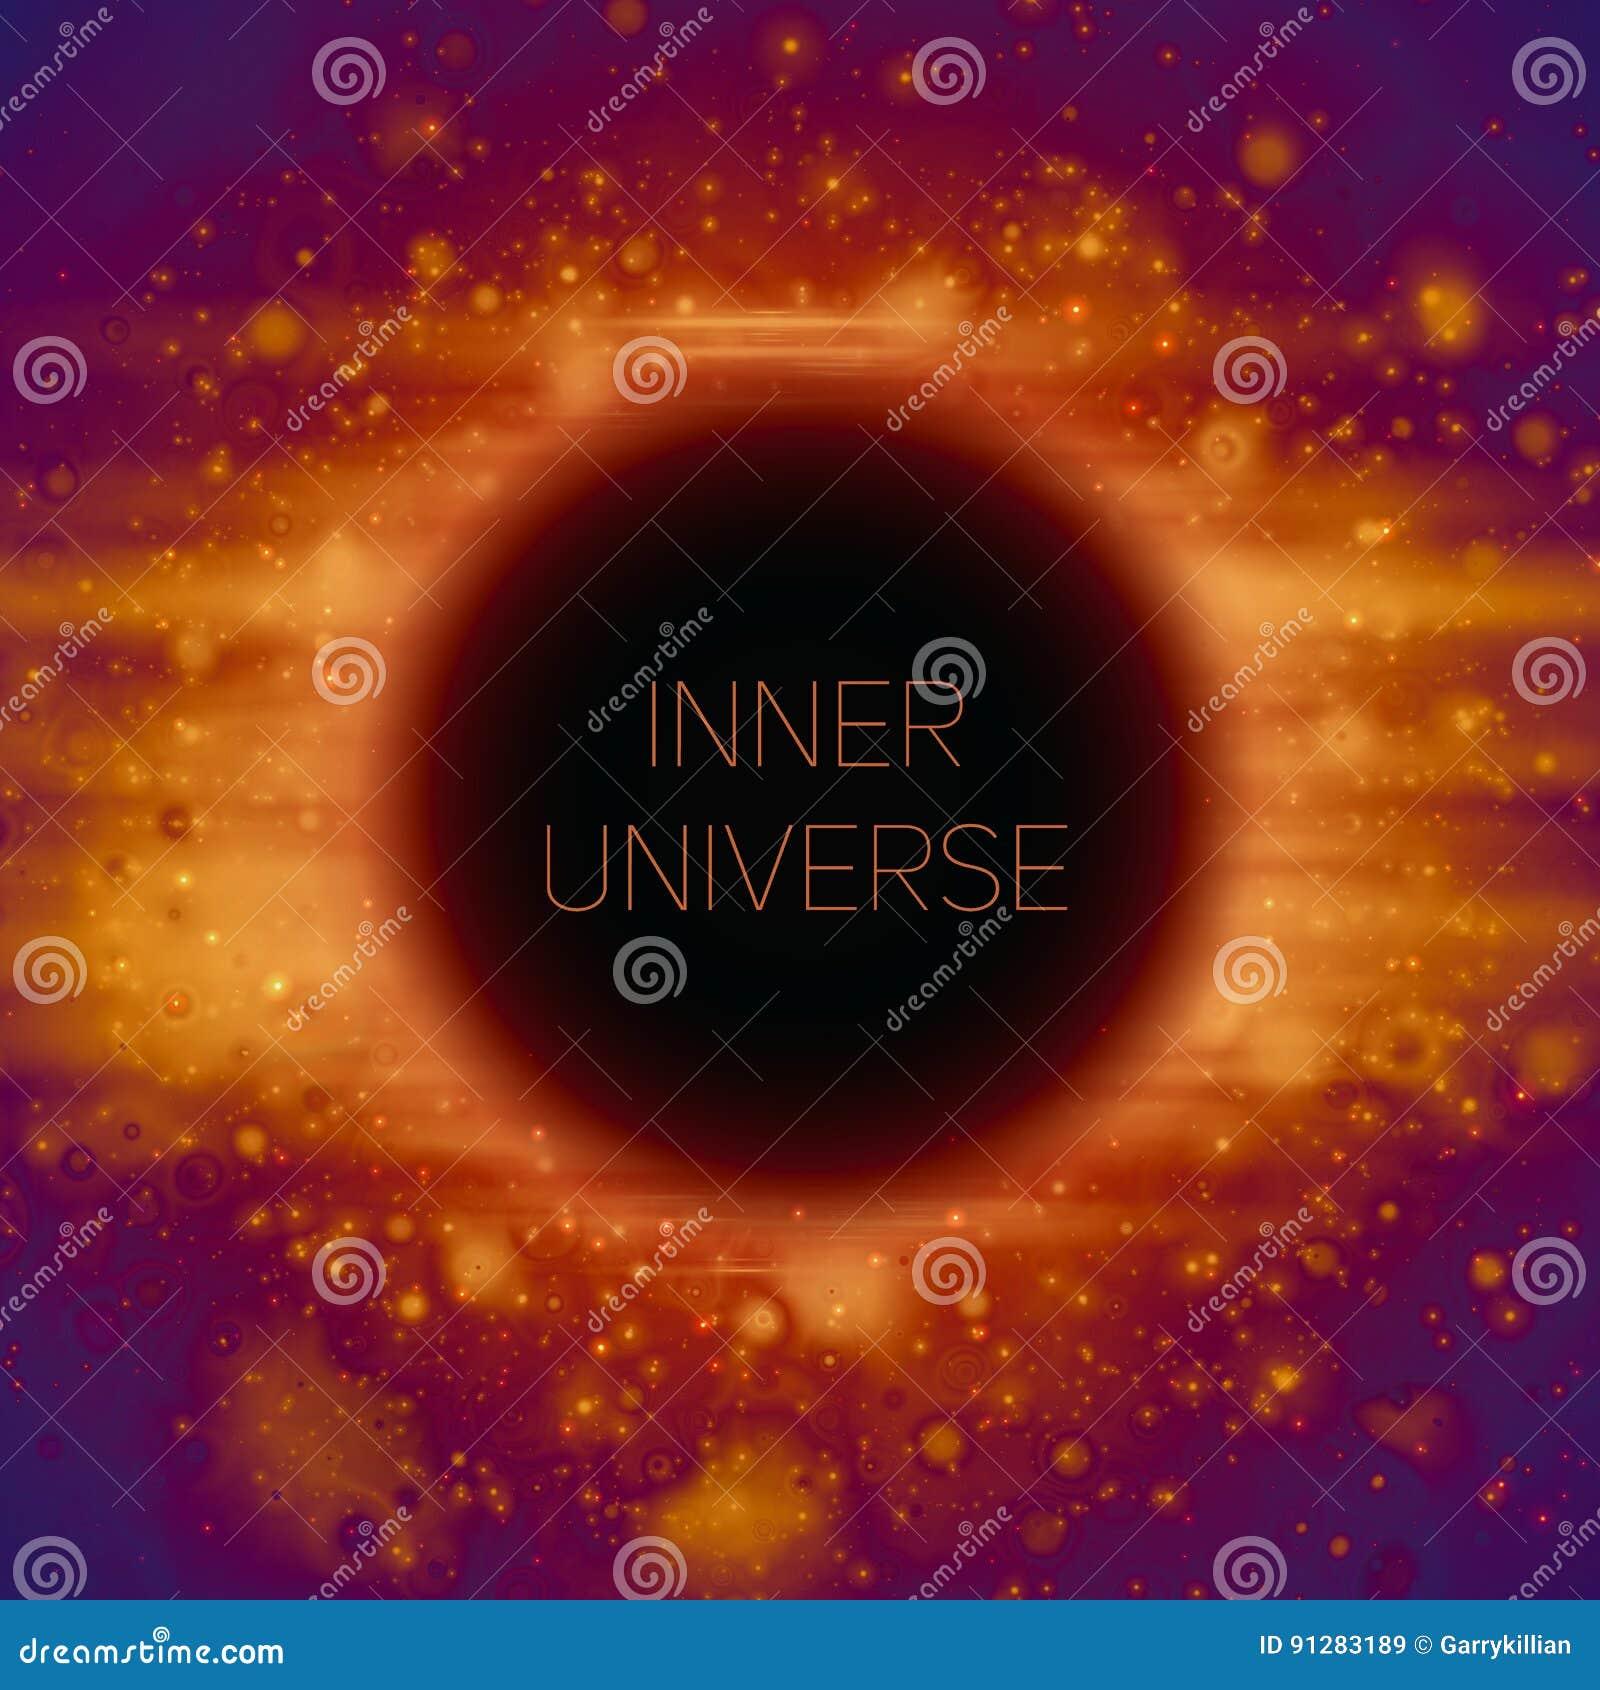 Abstrakt vektorbakgrund av det konstiga svarta hålet i utrymme Glänsande stjärnor som faller in i mörker Mousserar av främmande s